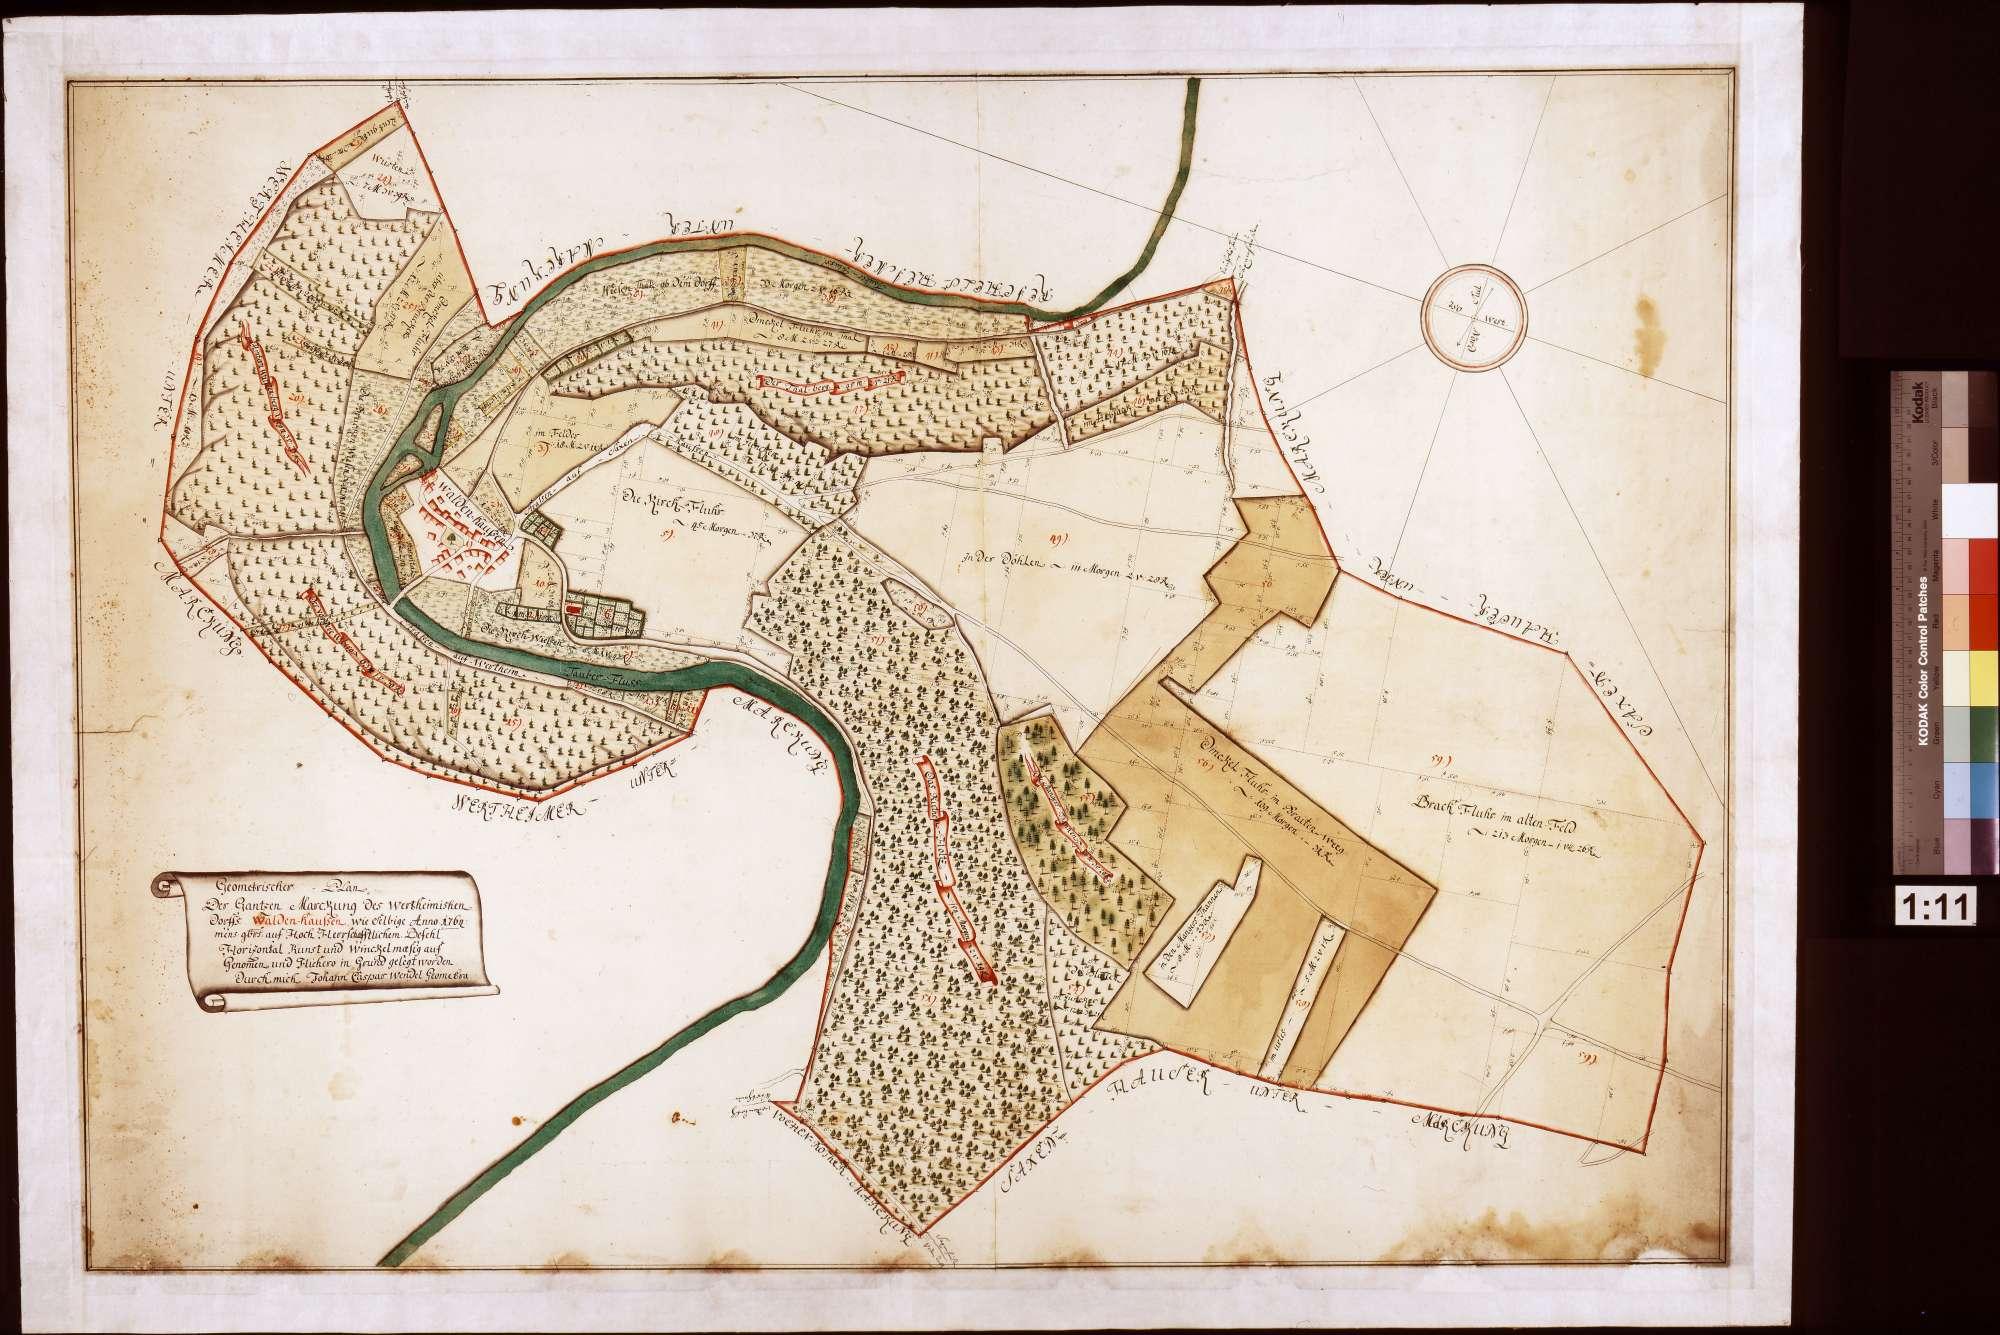 Geometrischer Plan der ganzen Markung des wertheimischen Dorfs Waldenhausen, wie selbige Anno 1764 Mens[e] [Novem]br[i]s auf hochherrschaftlichen Befehl horizontalkunst- und winkelmäßig aufgenommen und hiehero in Grund gelegt worden (Inselkarte), Bild 1